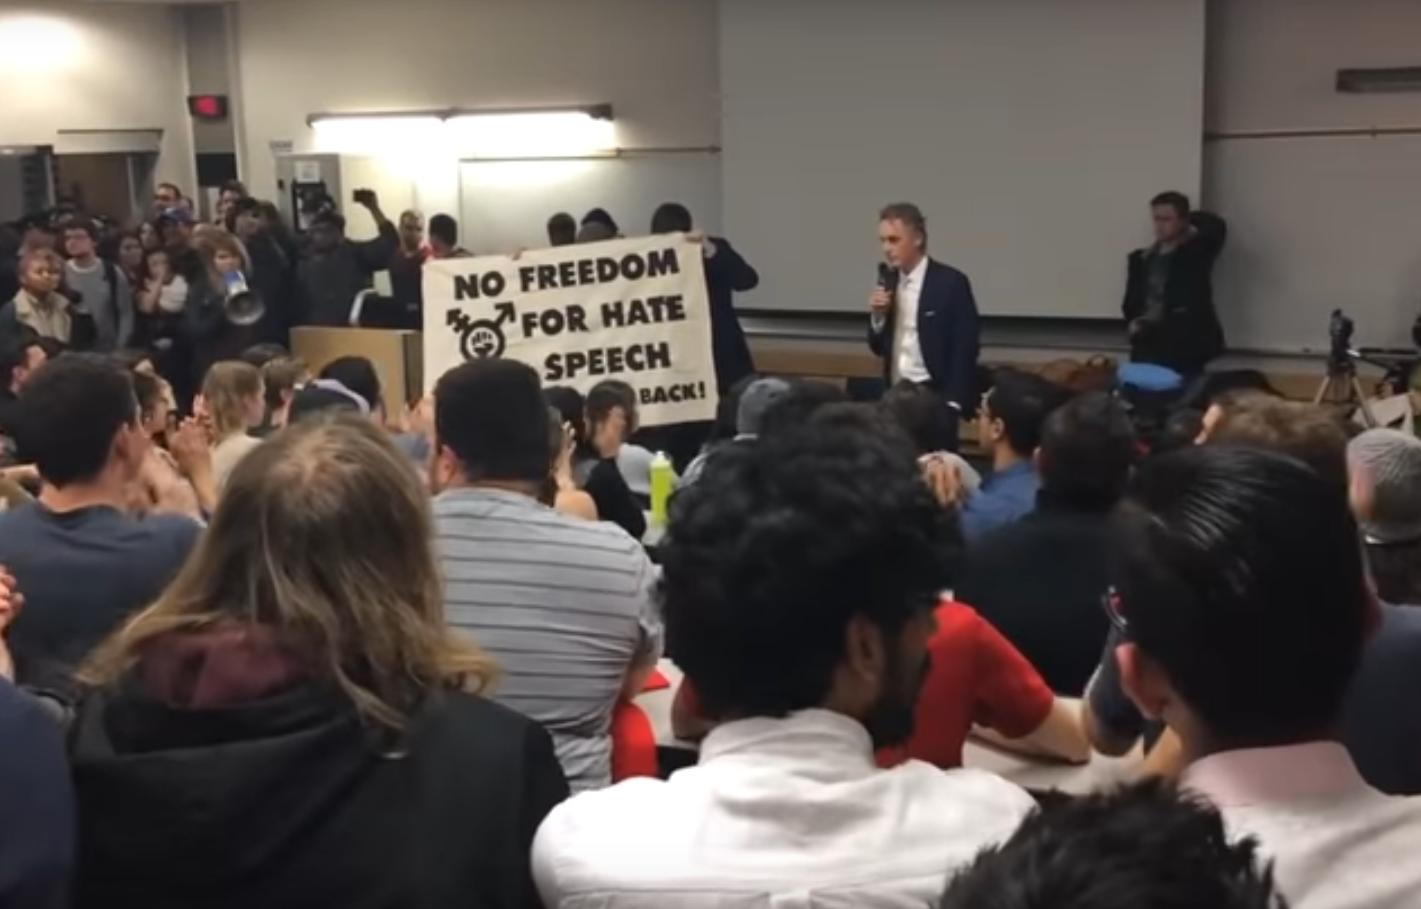 Azt hiszed, ez valami utcai zavargás, pedig csak egy professzor tartana előadást egy kanadai egyetemen